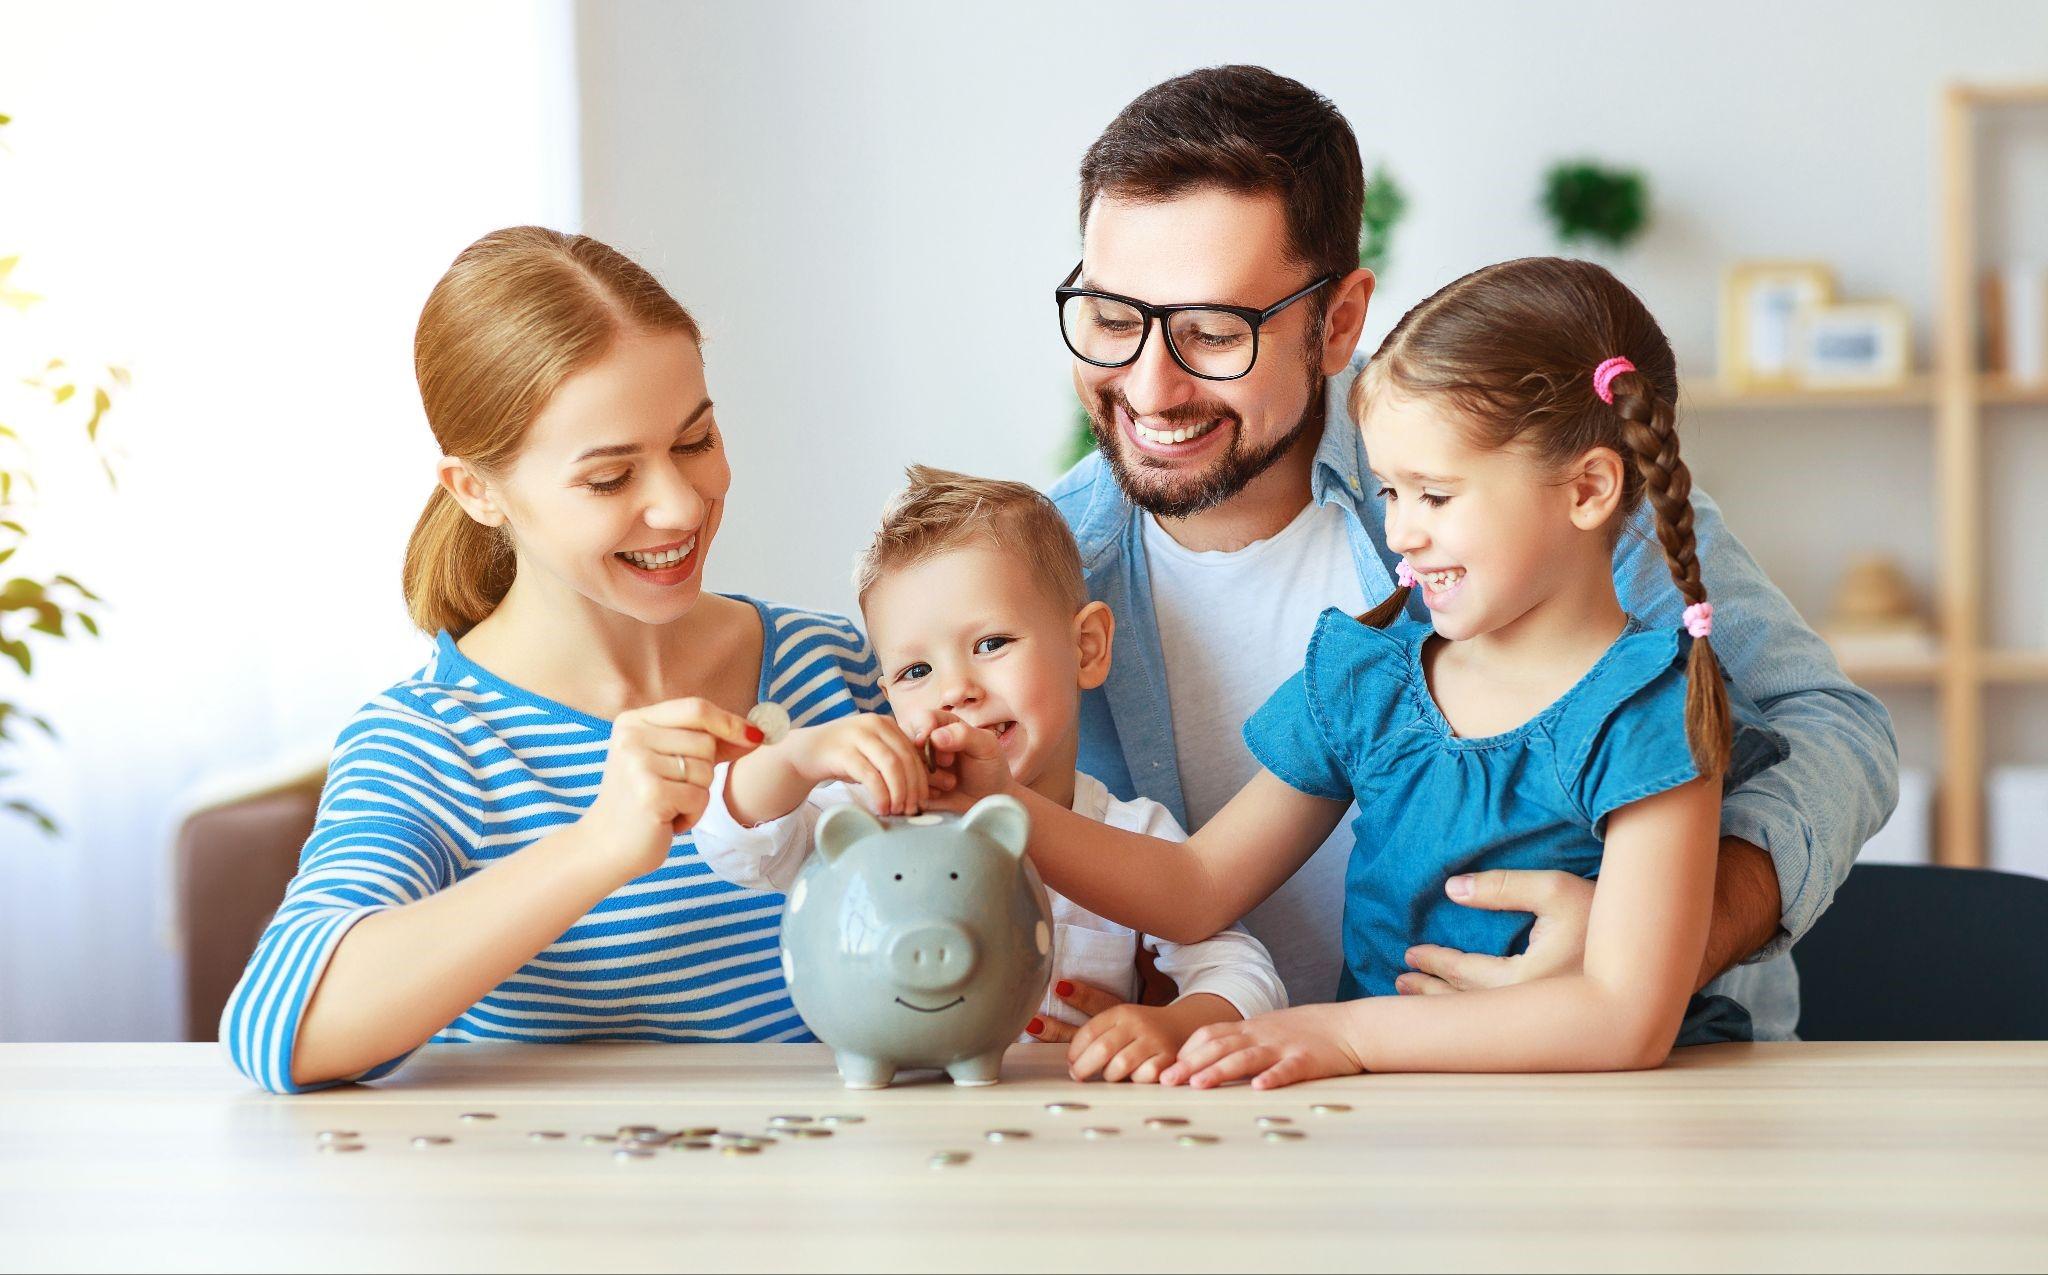 Parents teaching children about finances